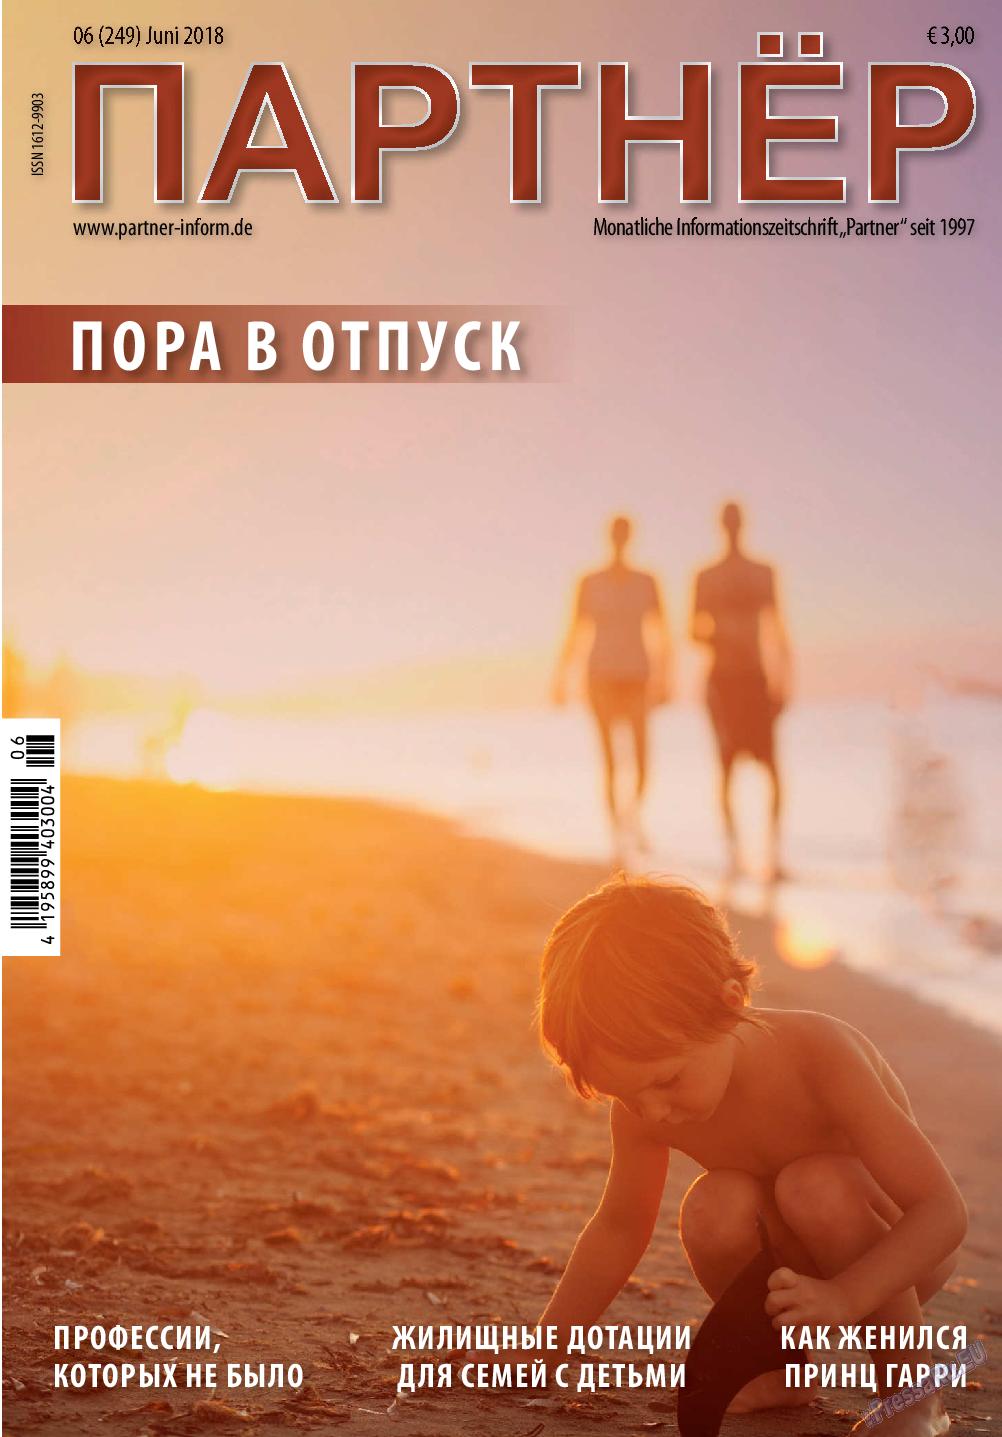 Партнер (журнал). 2018 год, номер 6, стр. 1